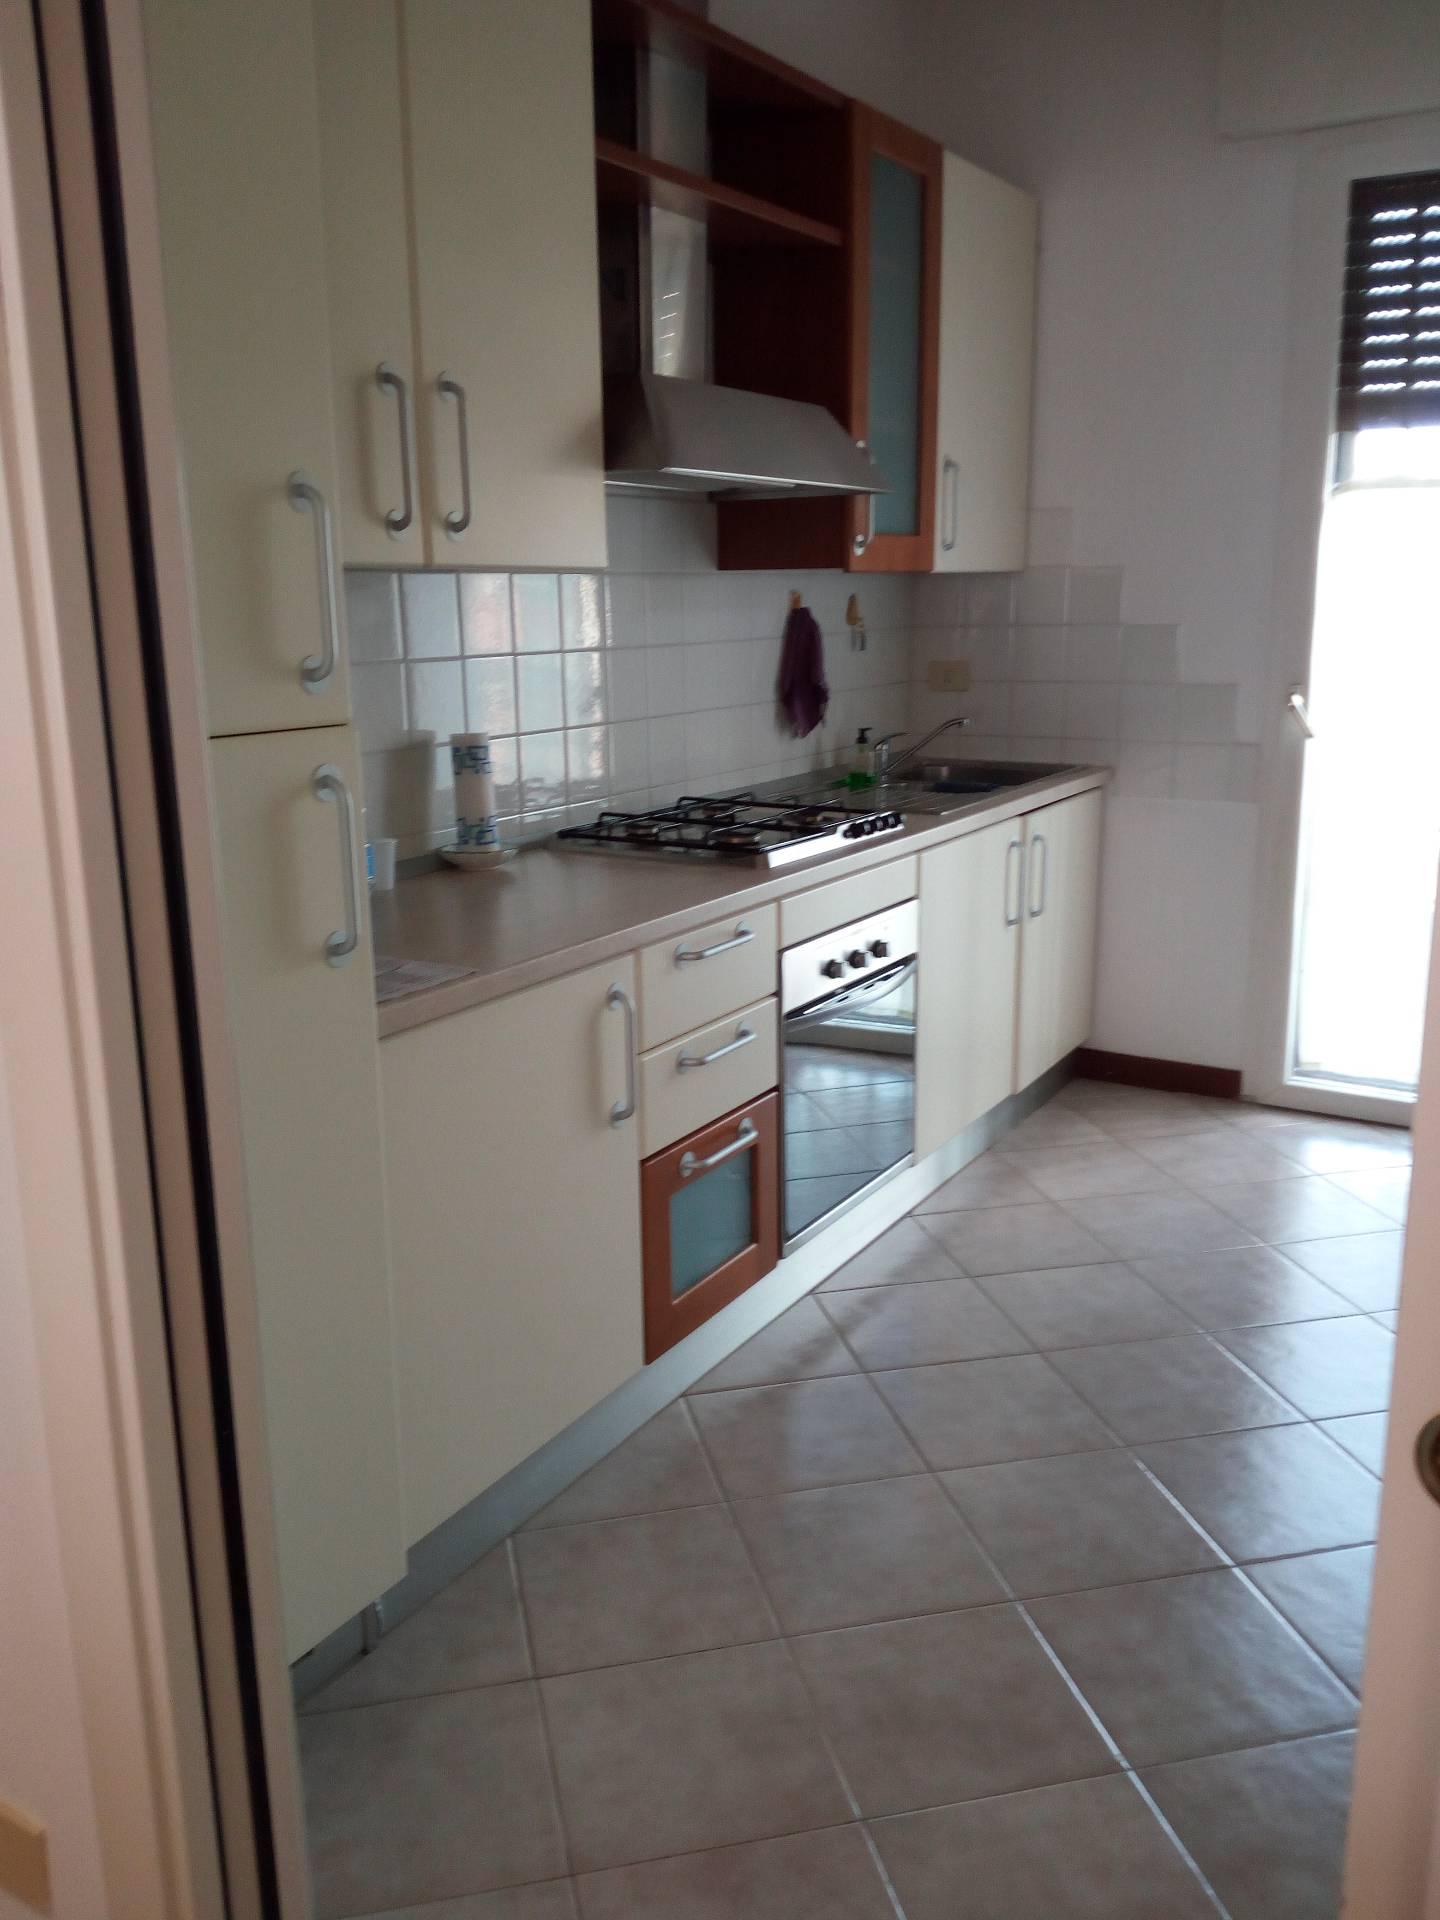 Appartamento in affitto a Lugo, 4 locali, prezzo € 500 | Cambio Casa.it